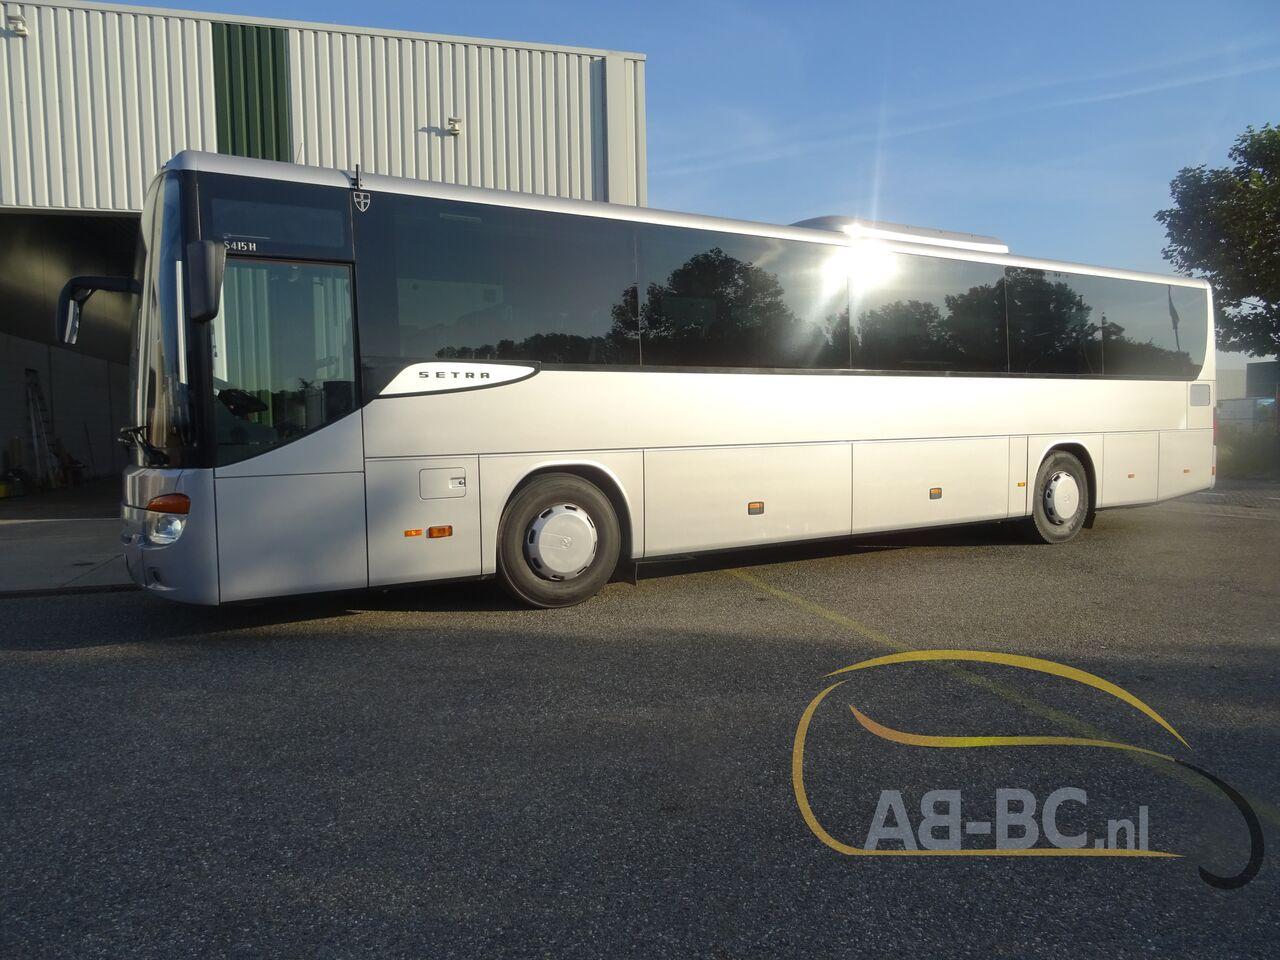 coach-bus-SETRA-S415H-52-Seats-EURO-6-Liftbus---1630913118127473161_big_a75fcf05b414f8cade38813492be6c93--21070517141280735500